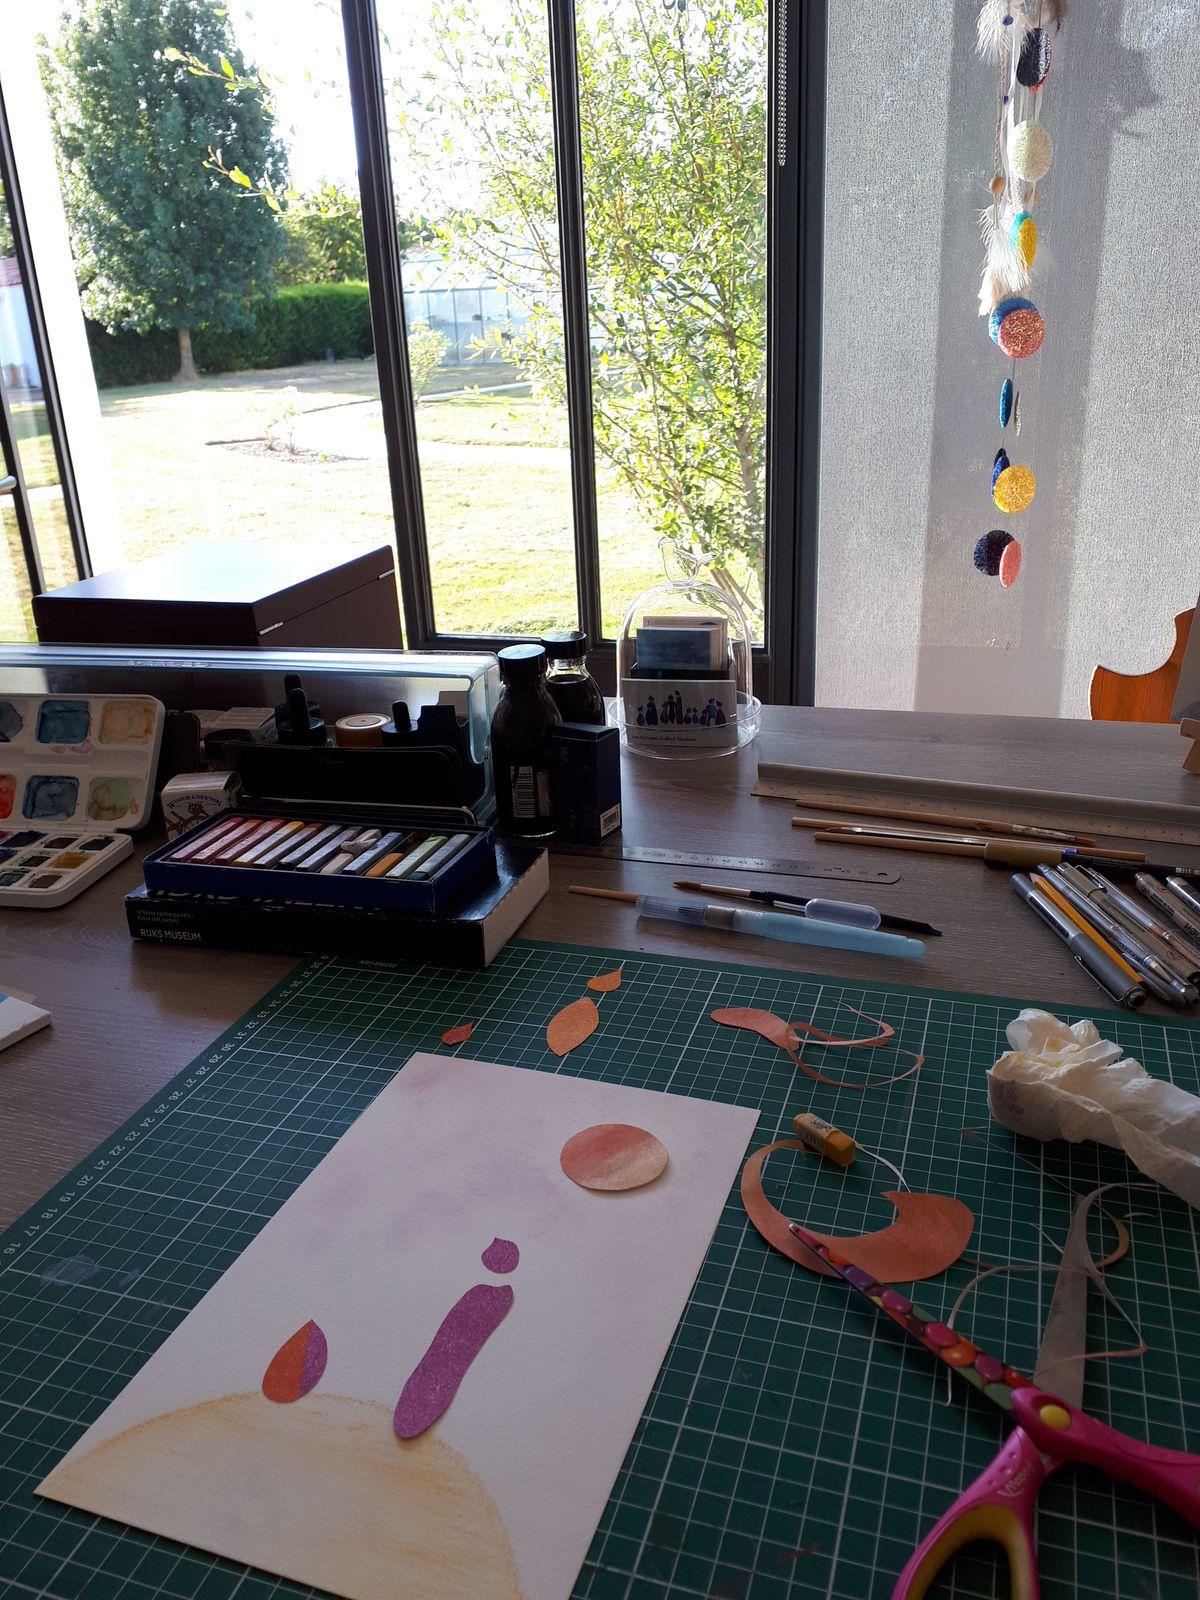 """Les Collages d'eMmA MessanA, collage N°478 """"Larme d'or"""", """"dans son jus"""", à l'atelier. © eMmA MessanA"""